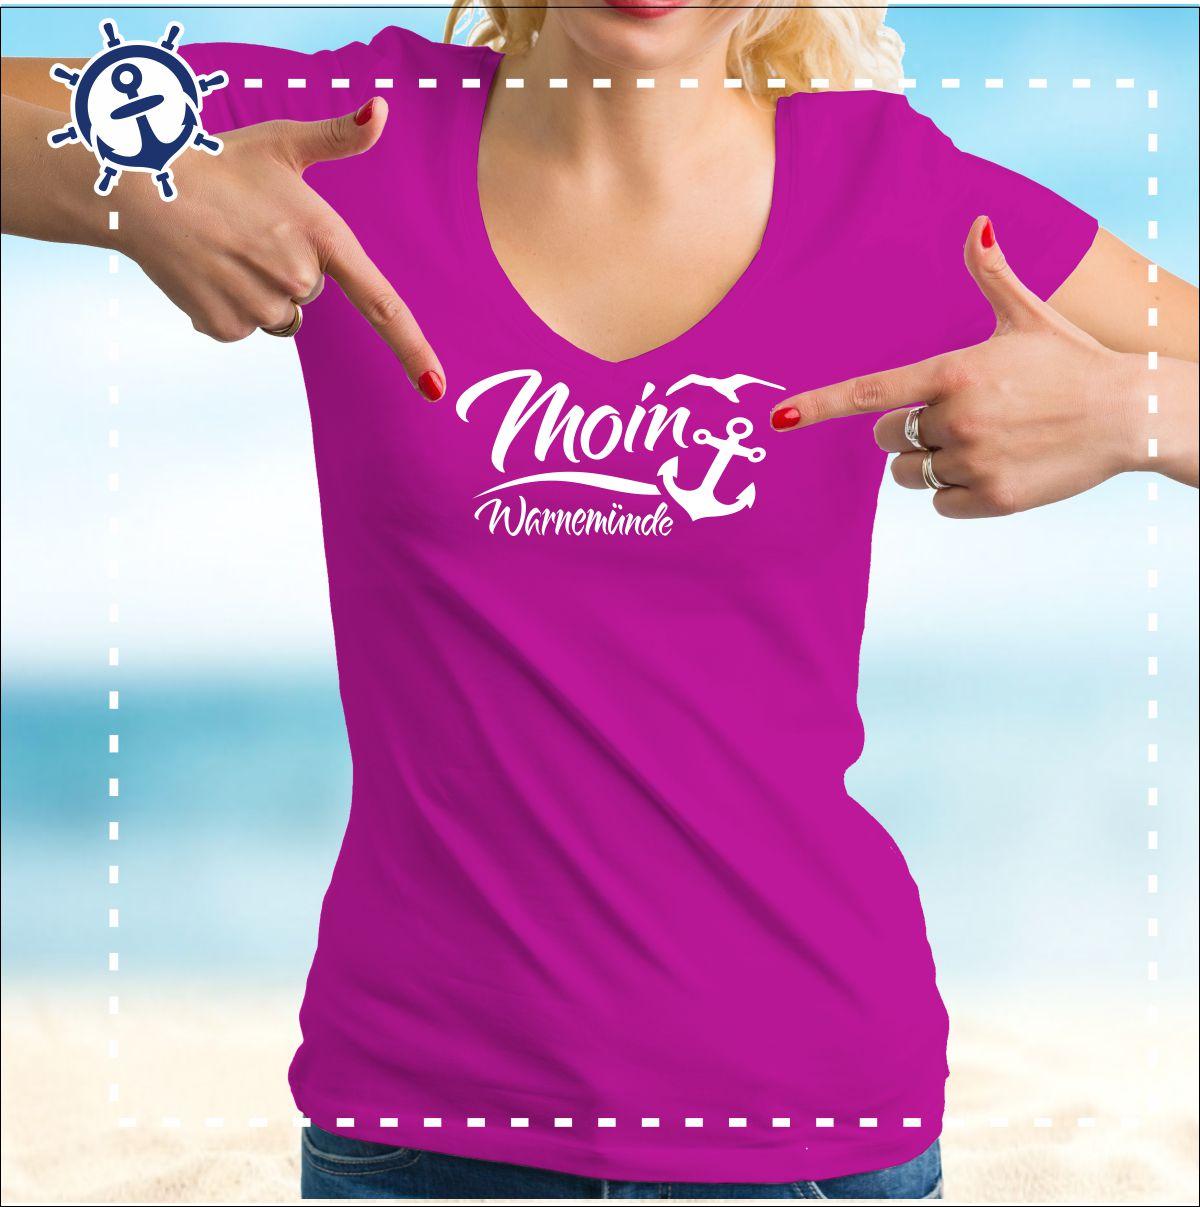 d1880c1e0057fb ⚓ Damenshirt – Moin Warnemünde für Frauen – Jetzt im fischkopp.shop ⚓